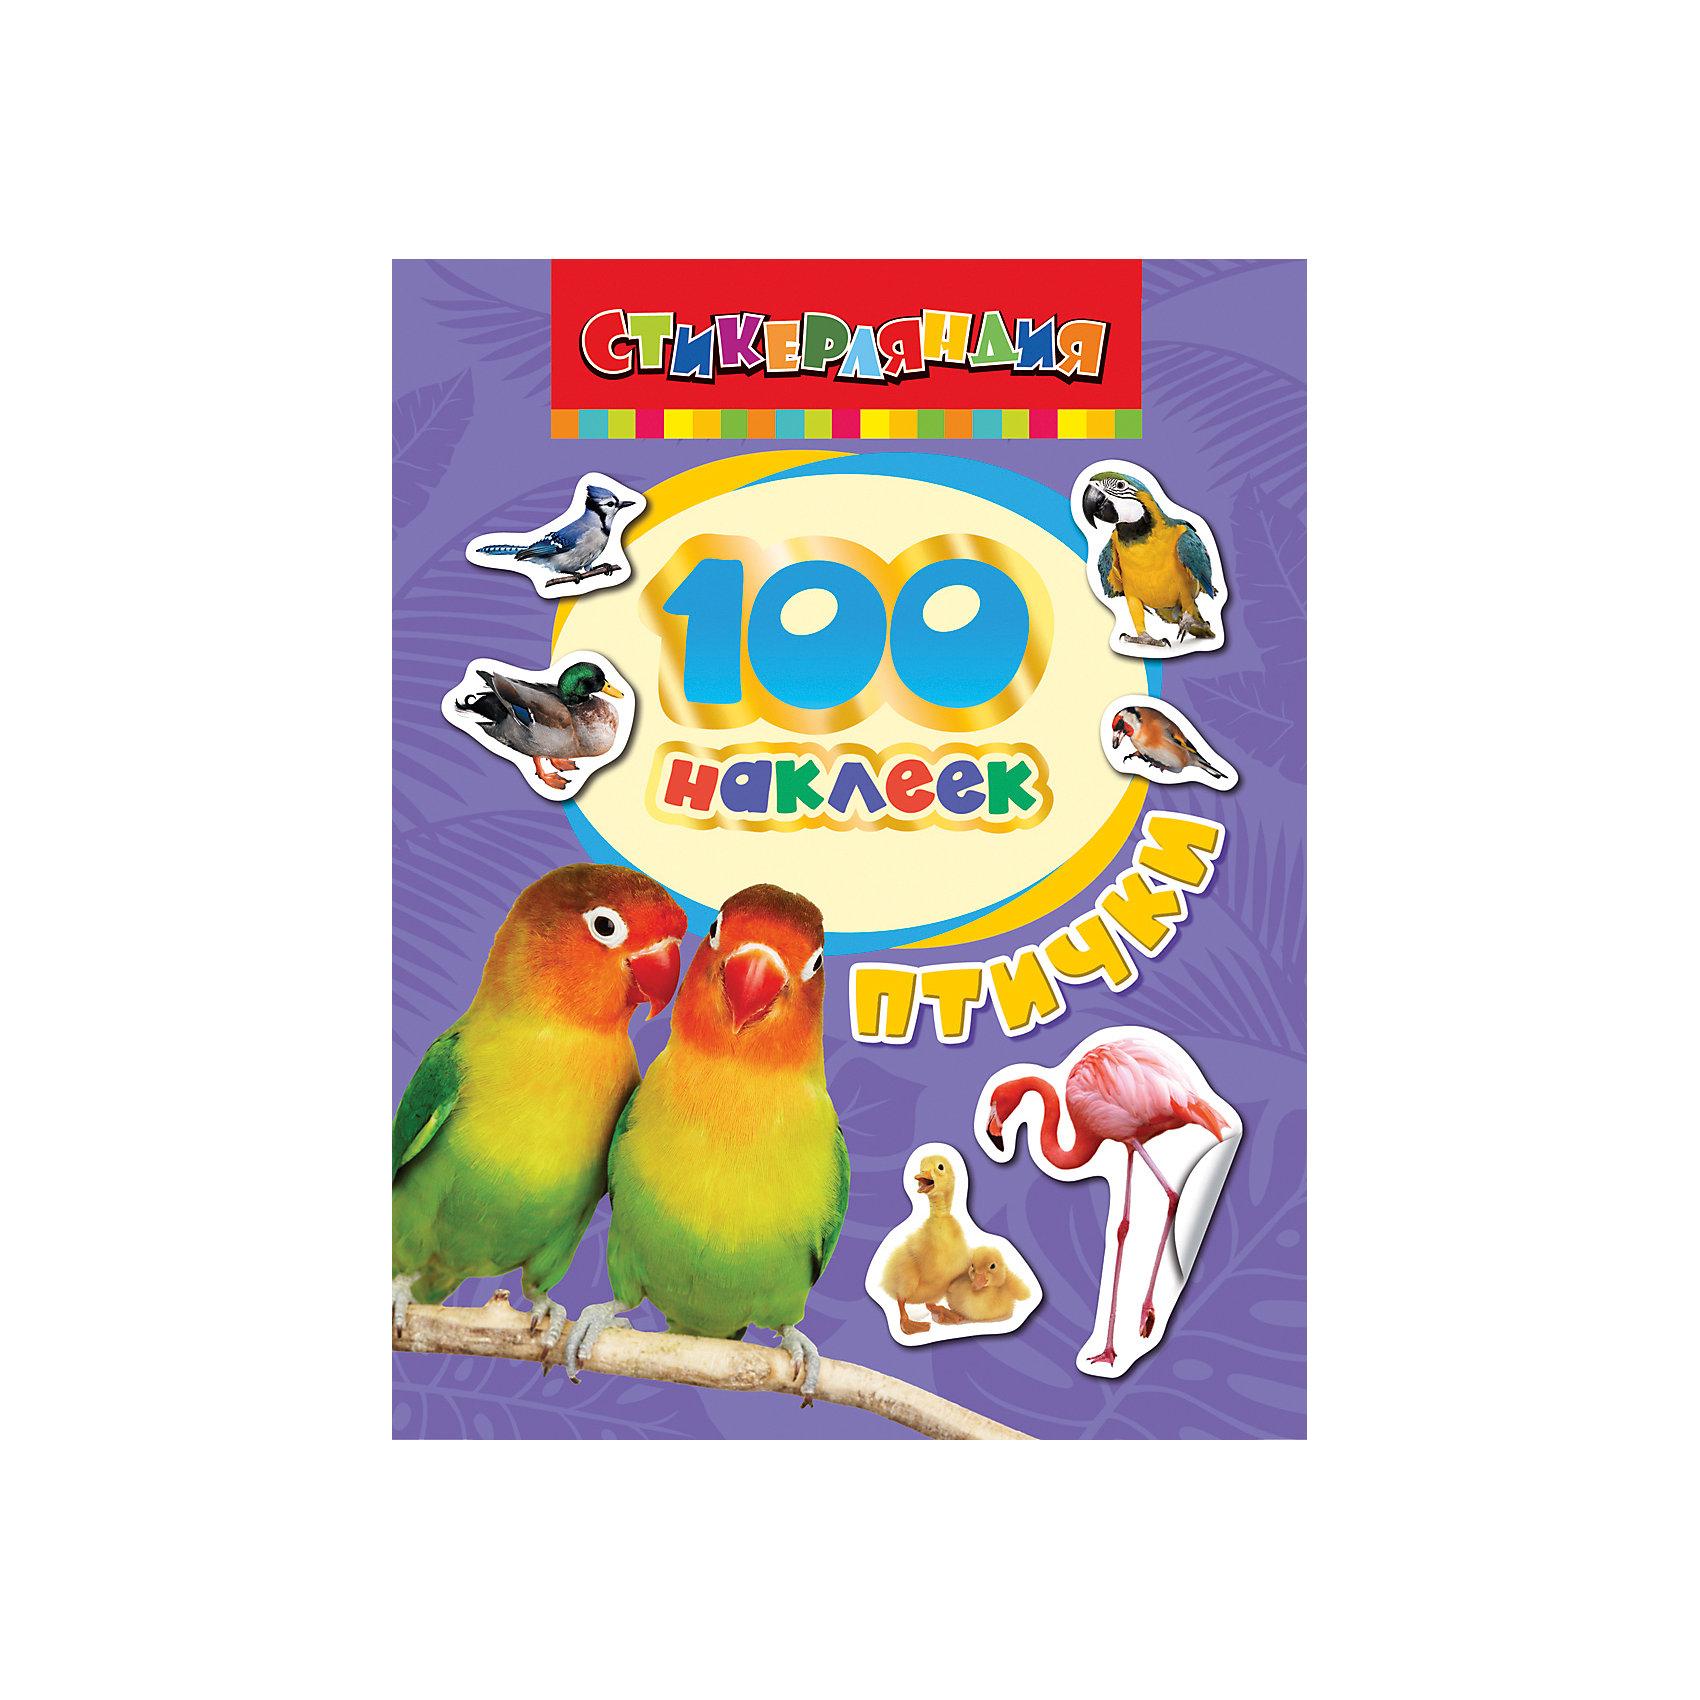 100 наклеек. ПтичкиАльбом 100 наклеек. Птички станет приятным сюрпризом для Вашего ребенка и познакомит его с удивительным и многообразным миром птиц. В альбоме содержится 100 тематических наклеек с красочными изображениями различных видов птиц. Наклейки прекрасно подойдут для украшения рисунков, открыток, альбомов, различных предметов и игрушек.<br><br>Дополнительная информация:<br><br>- Обложка: мягкая.<br>- Иллюстрации: цветные.<br>- Объем: 8 стр.<br>- Размер: 20 х 15 х 0,2 см.<br>- Вес: 36 гр.<br><br>100 наклеек. Птички, Росмэн, можно купить в нашем интернет-магазине.<br><br>Ширина мм: 200<br>Глубина мм: 150<br>Высота мм: 2<br>Вес г: 36<br>Возраст от месяцев: 0<br>Возраст до месяцев: 72<br>Пол: Унисекс<br>Возраст: Детский<br>SKU: 4408719